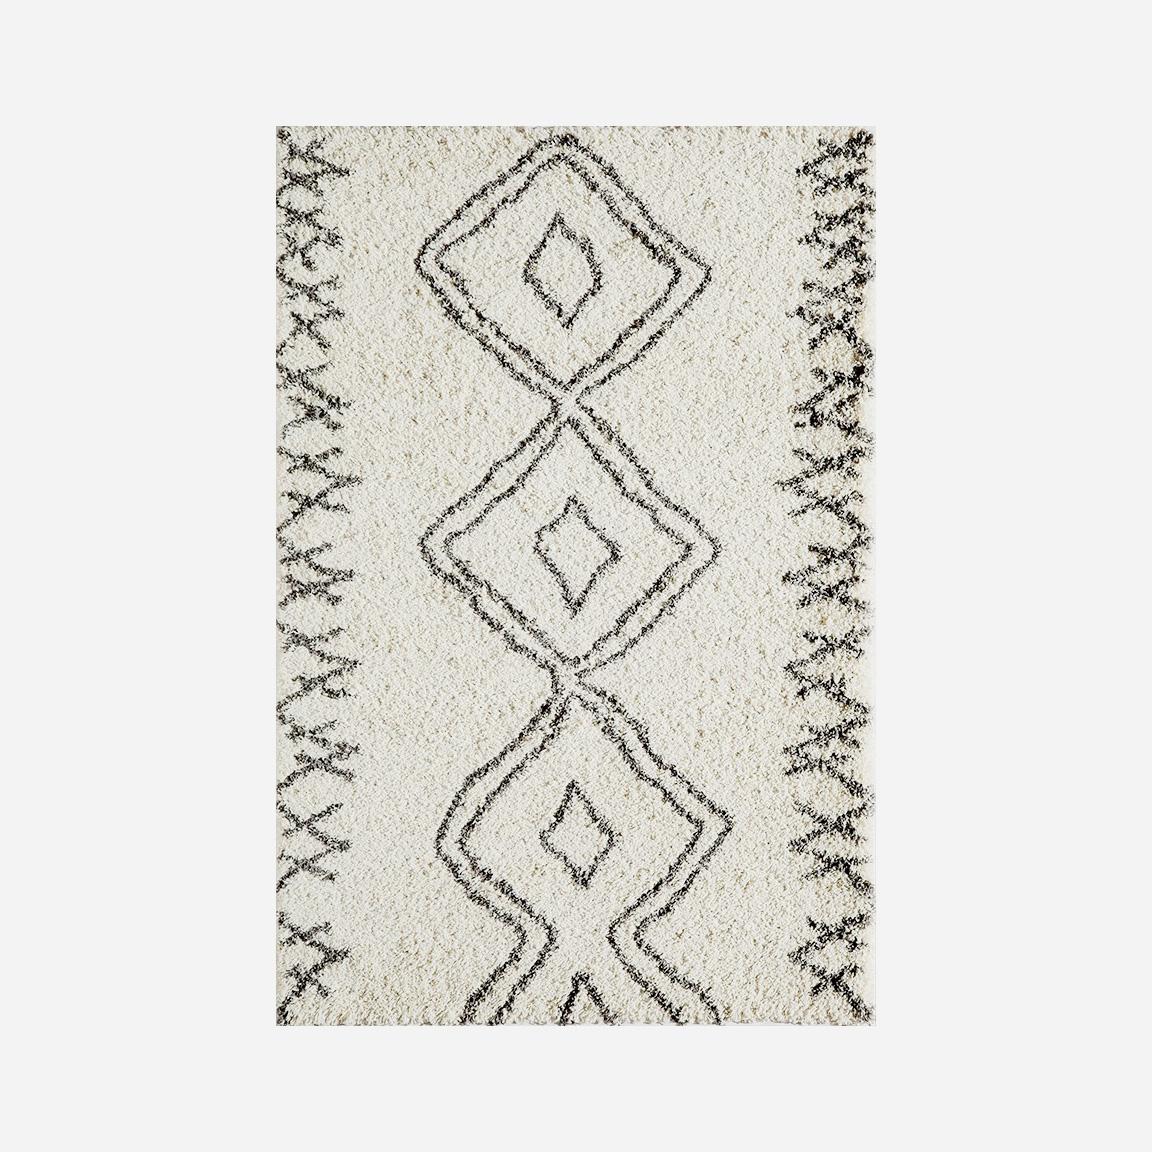 Momeni Maya • $399